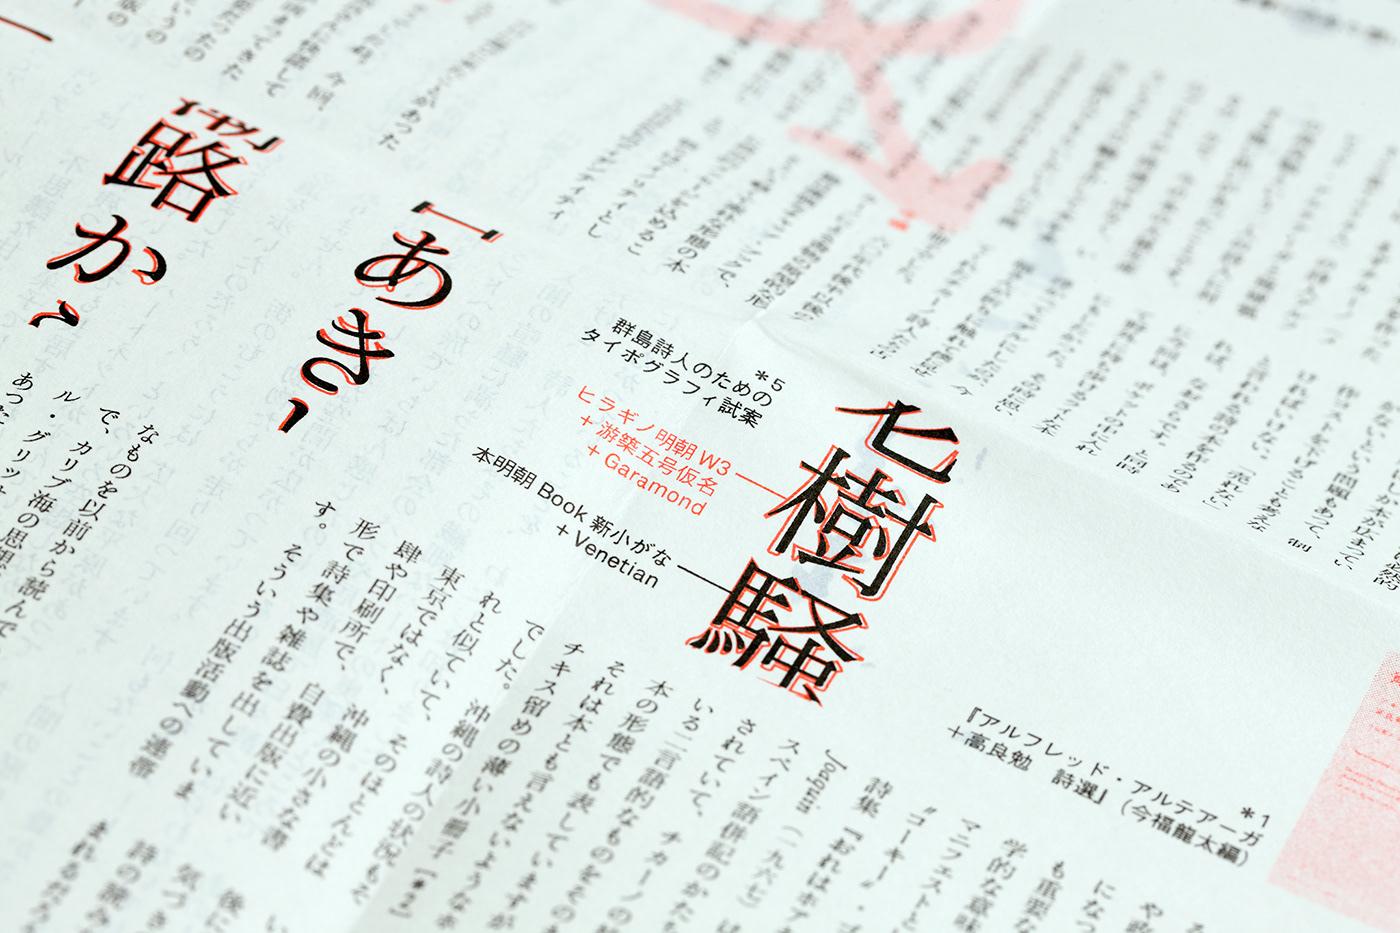 Image may contain: handwriting, menu and book